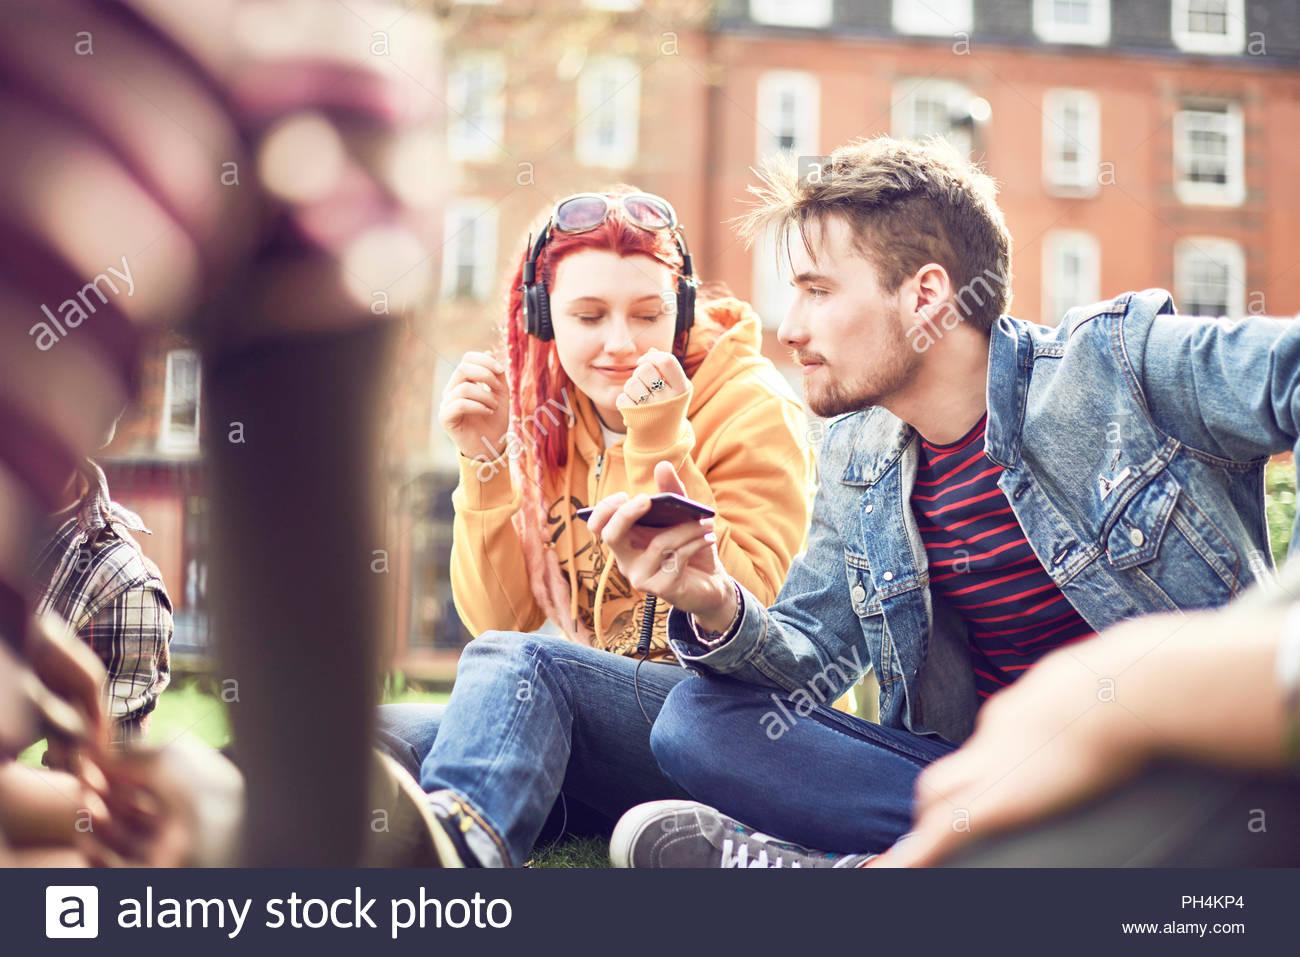 La pareja de adolescentes compartir música en el parque Imagen De Stock